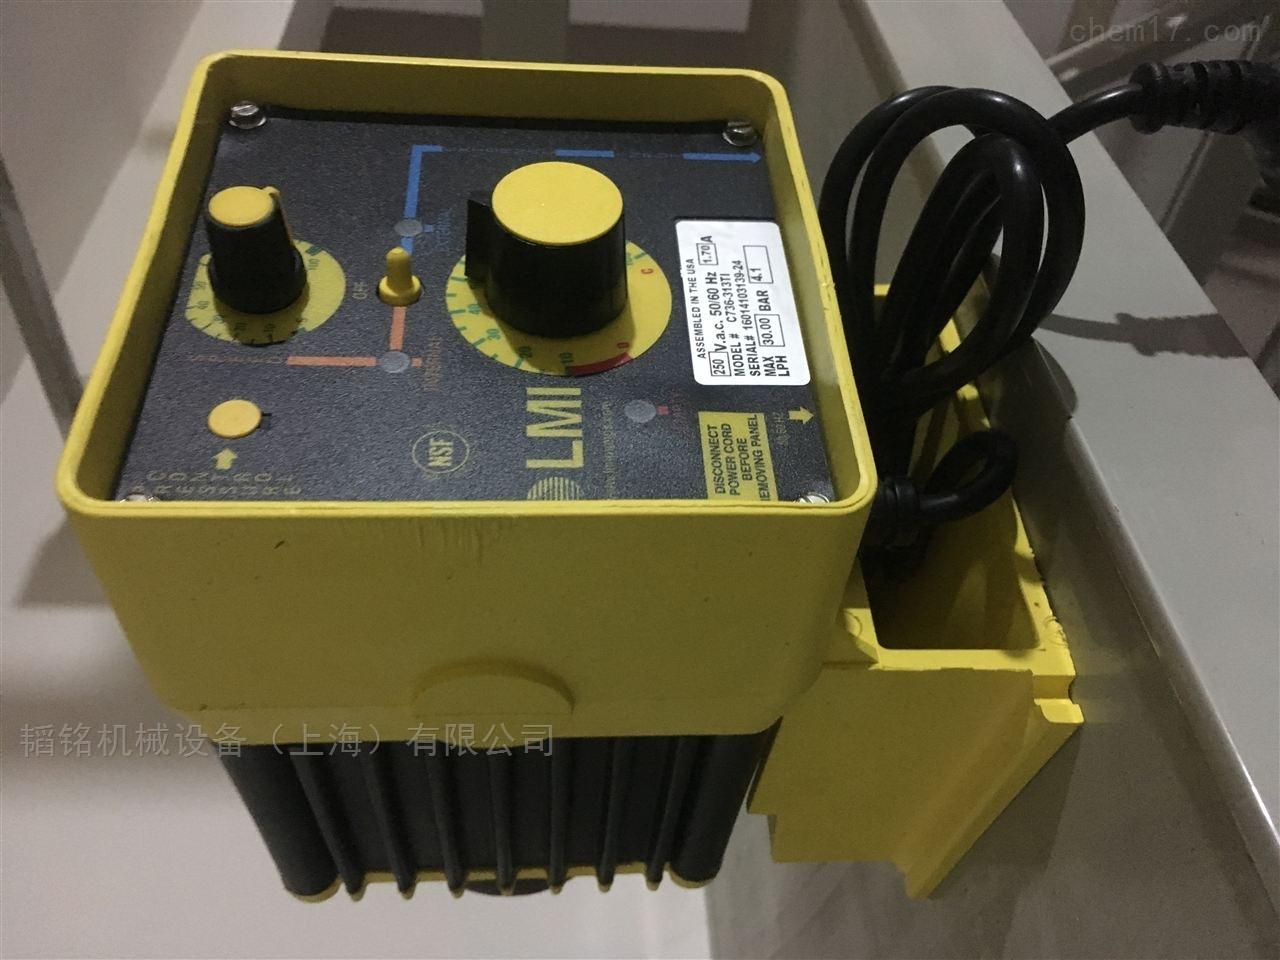 C716-368TI米顿罗计量泵电磁泵